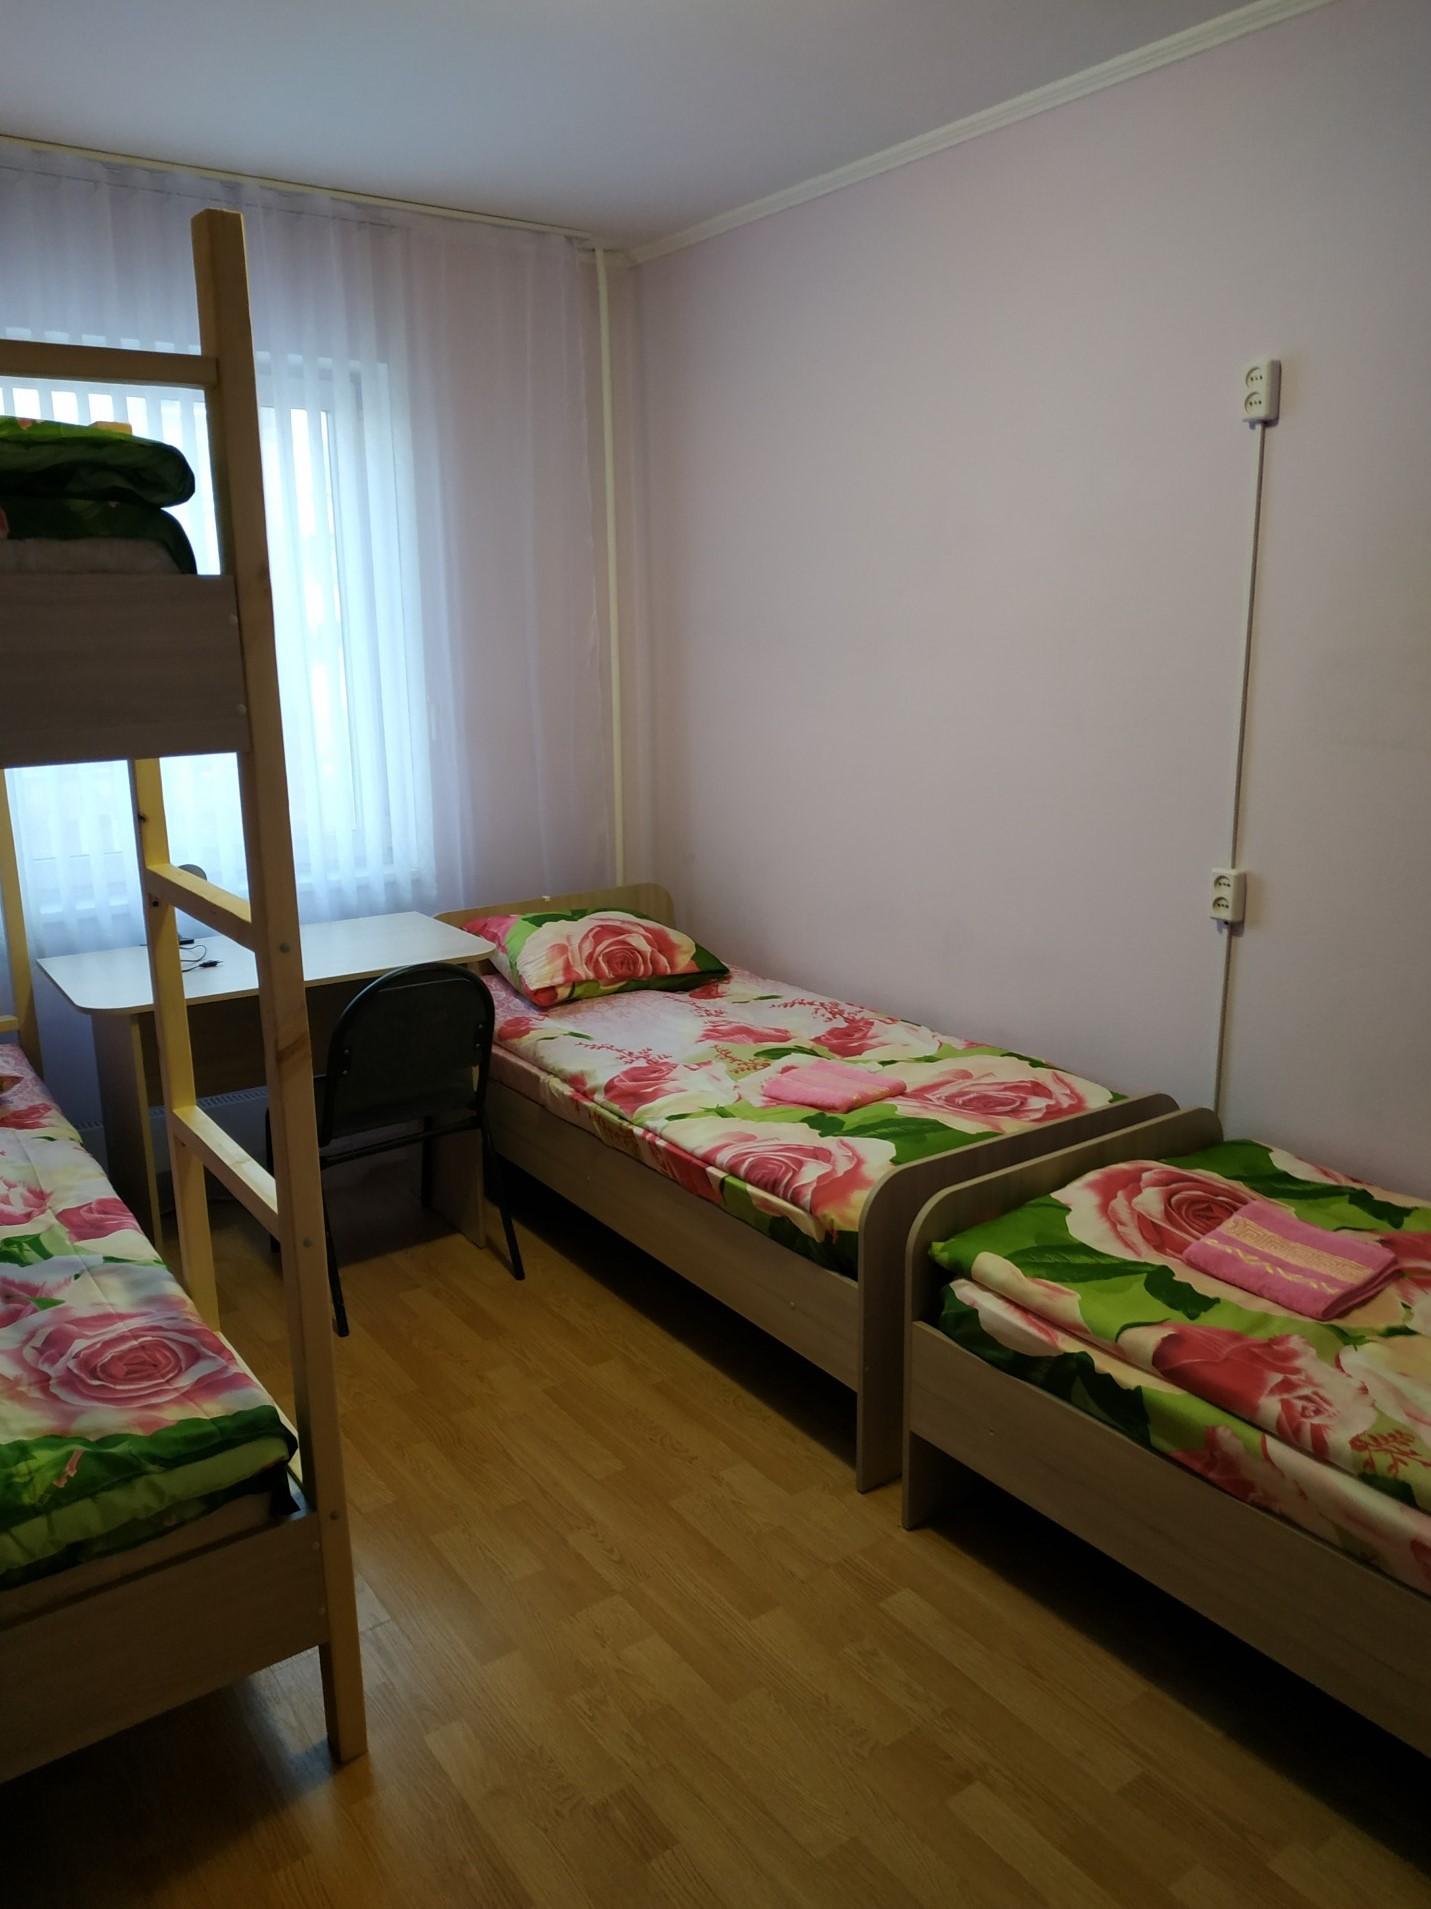 3-комнатная квартира, Российская ул. 196А, г. Челябинск